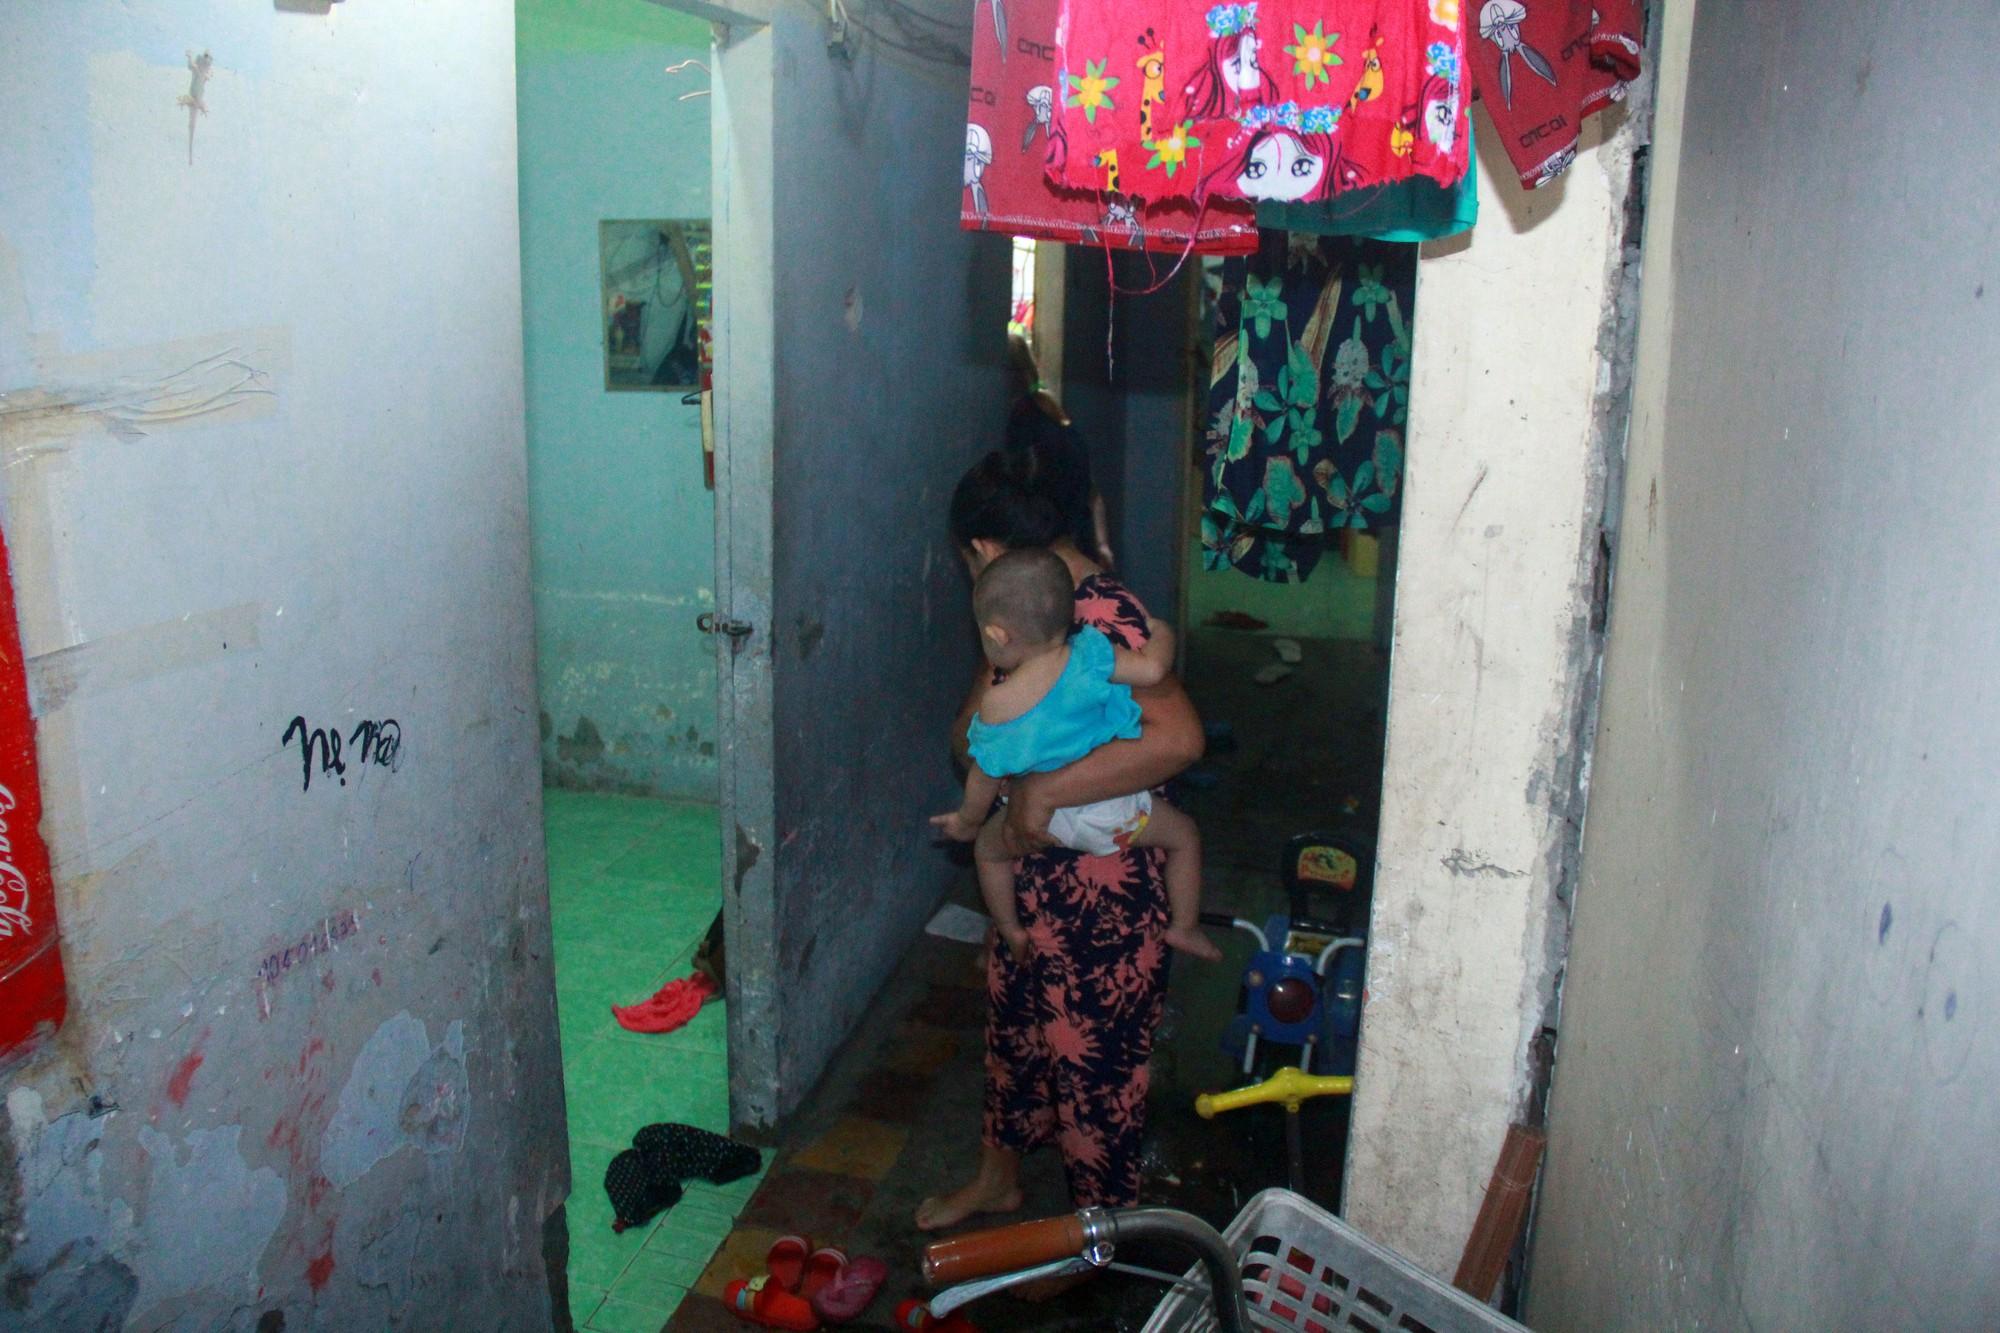 Bất chấp nguy hiểm, mới mổ sinh được 10 ngày, người mẹ đã đi làm thuê để nuôi 5 người con, cháu cùng chồng bệnh tật - Ảnh 16.